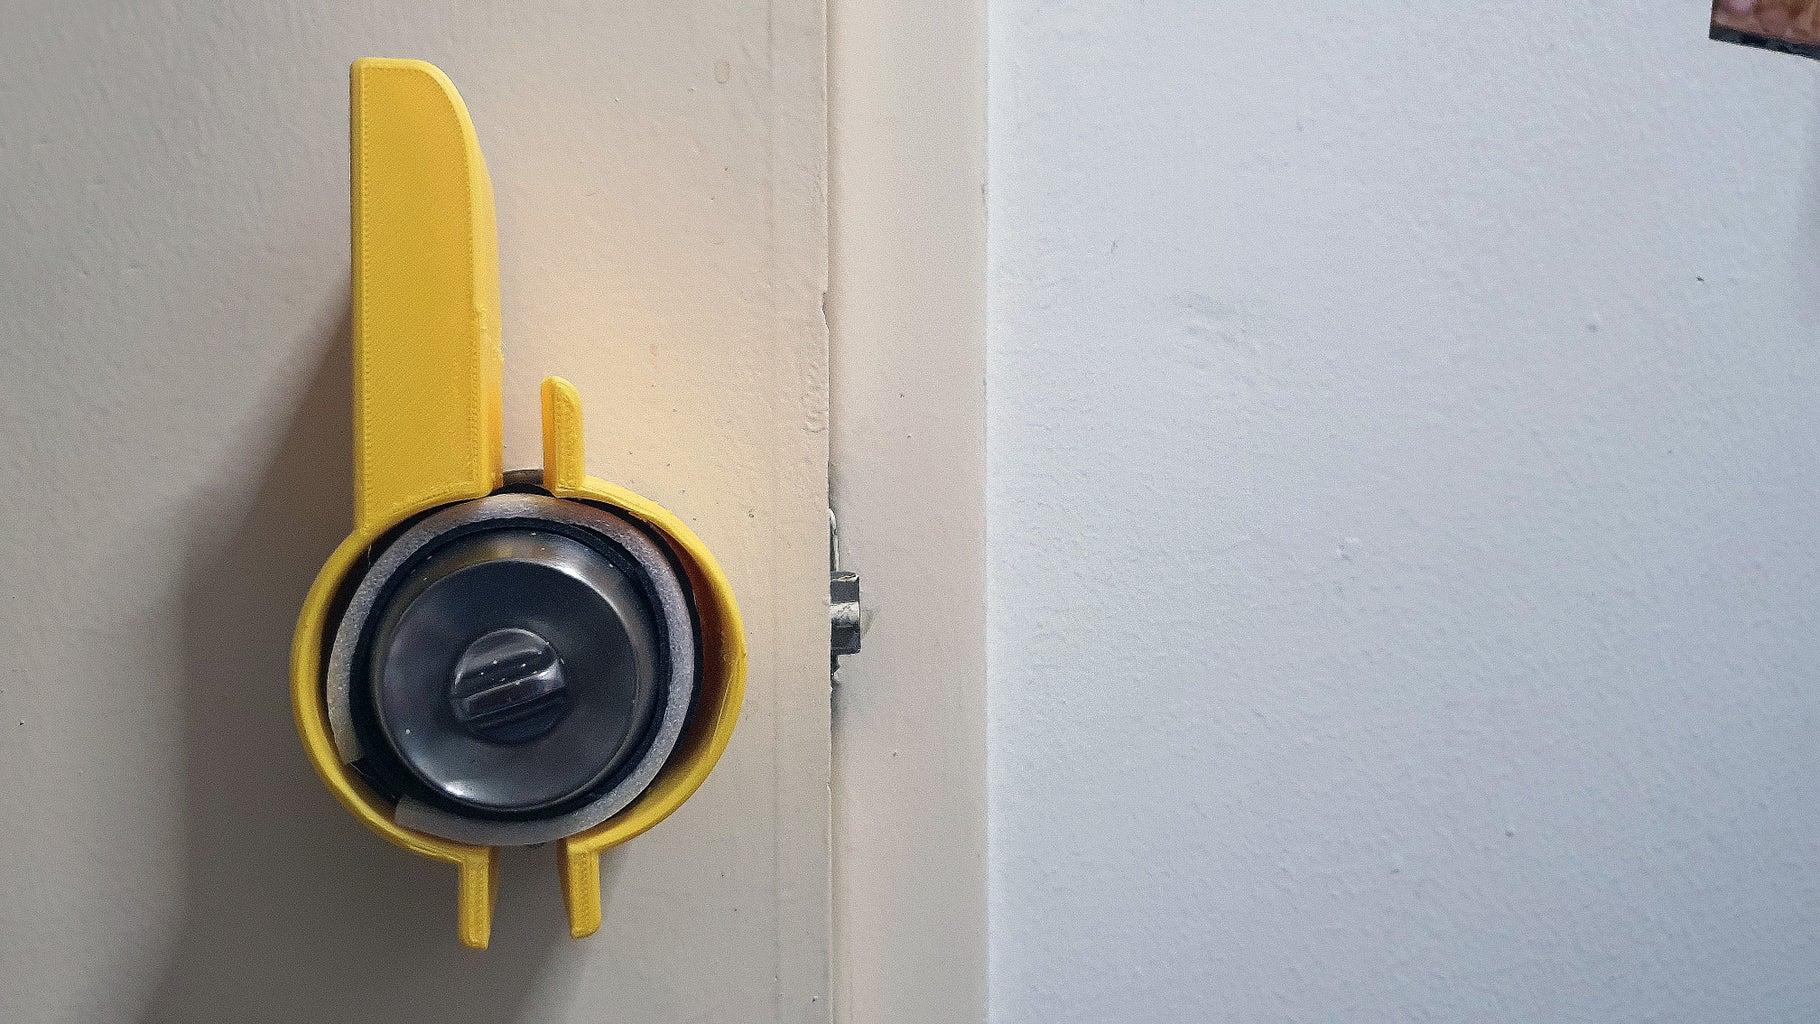 Mount 4ARM on Your Door Knob